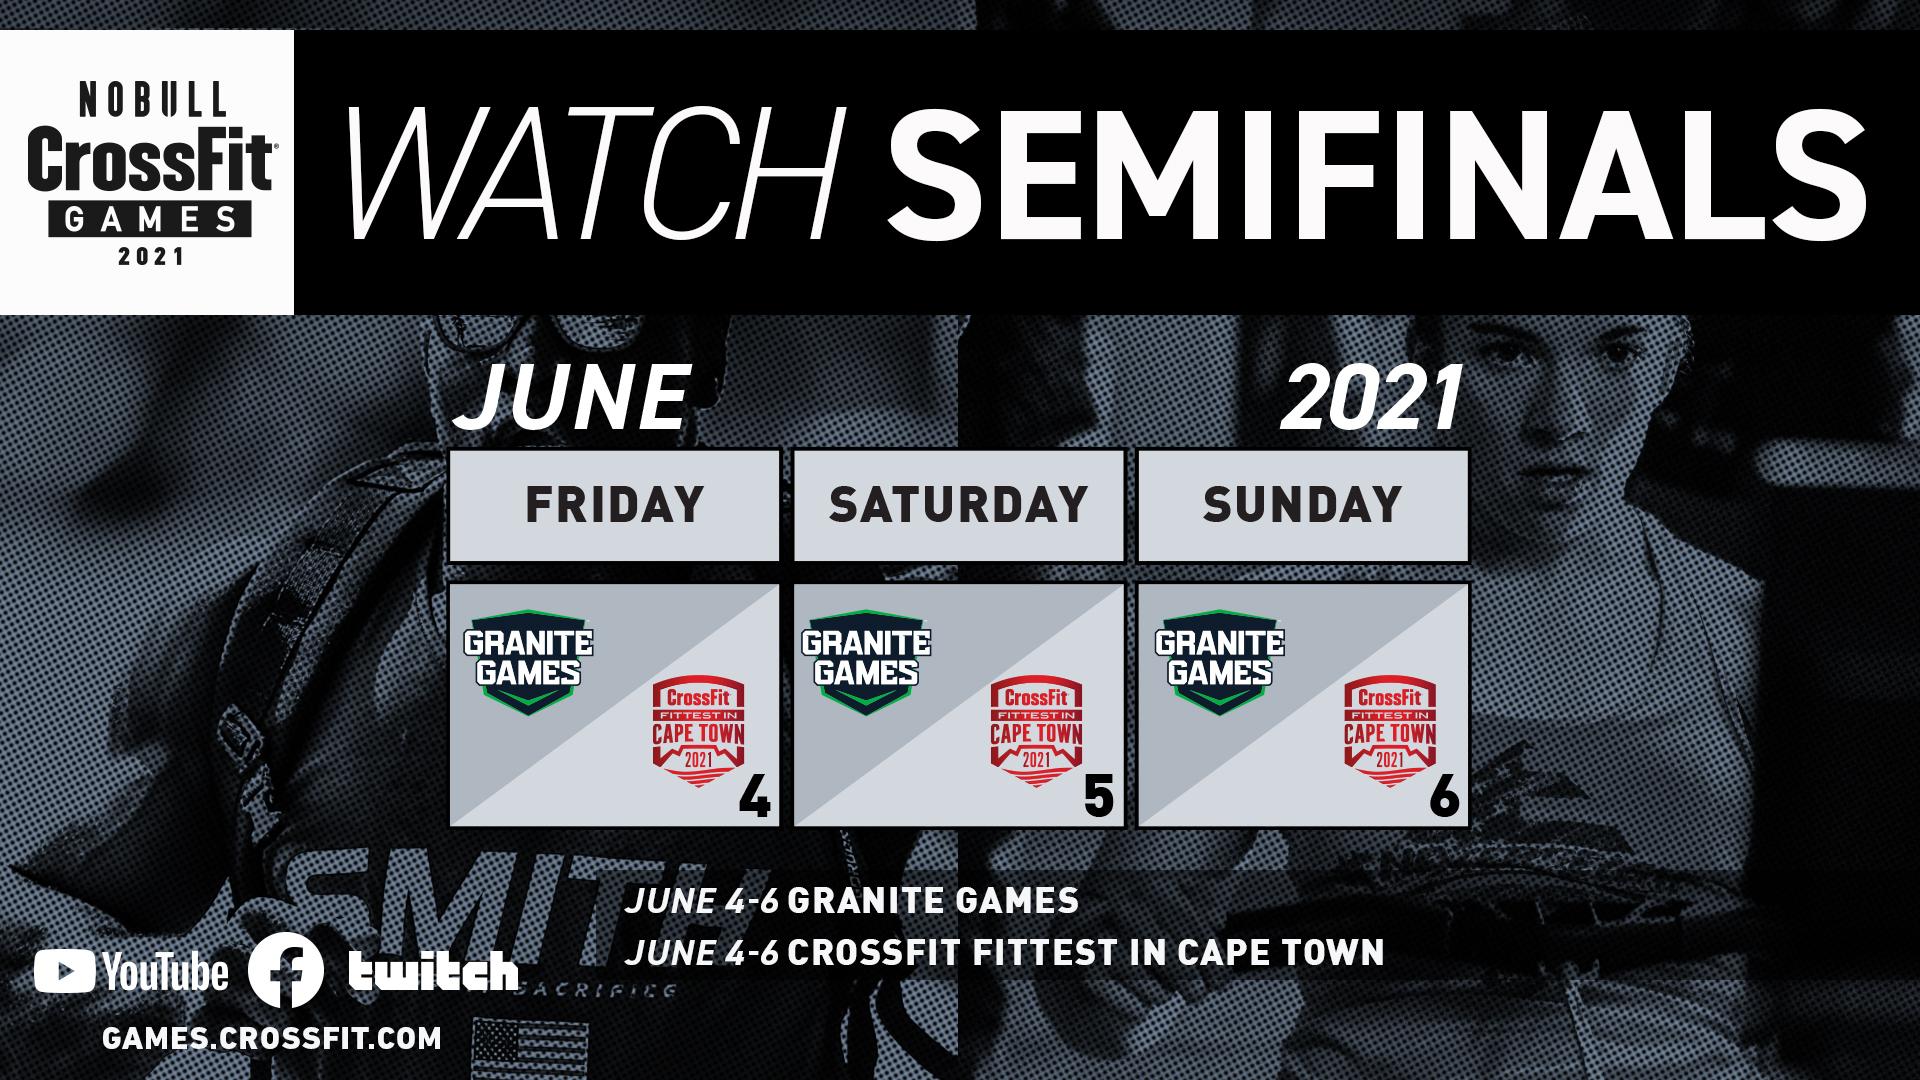 Week 2 Semifinals Calendar